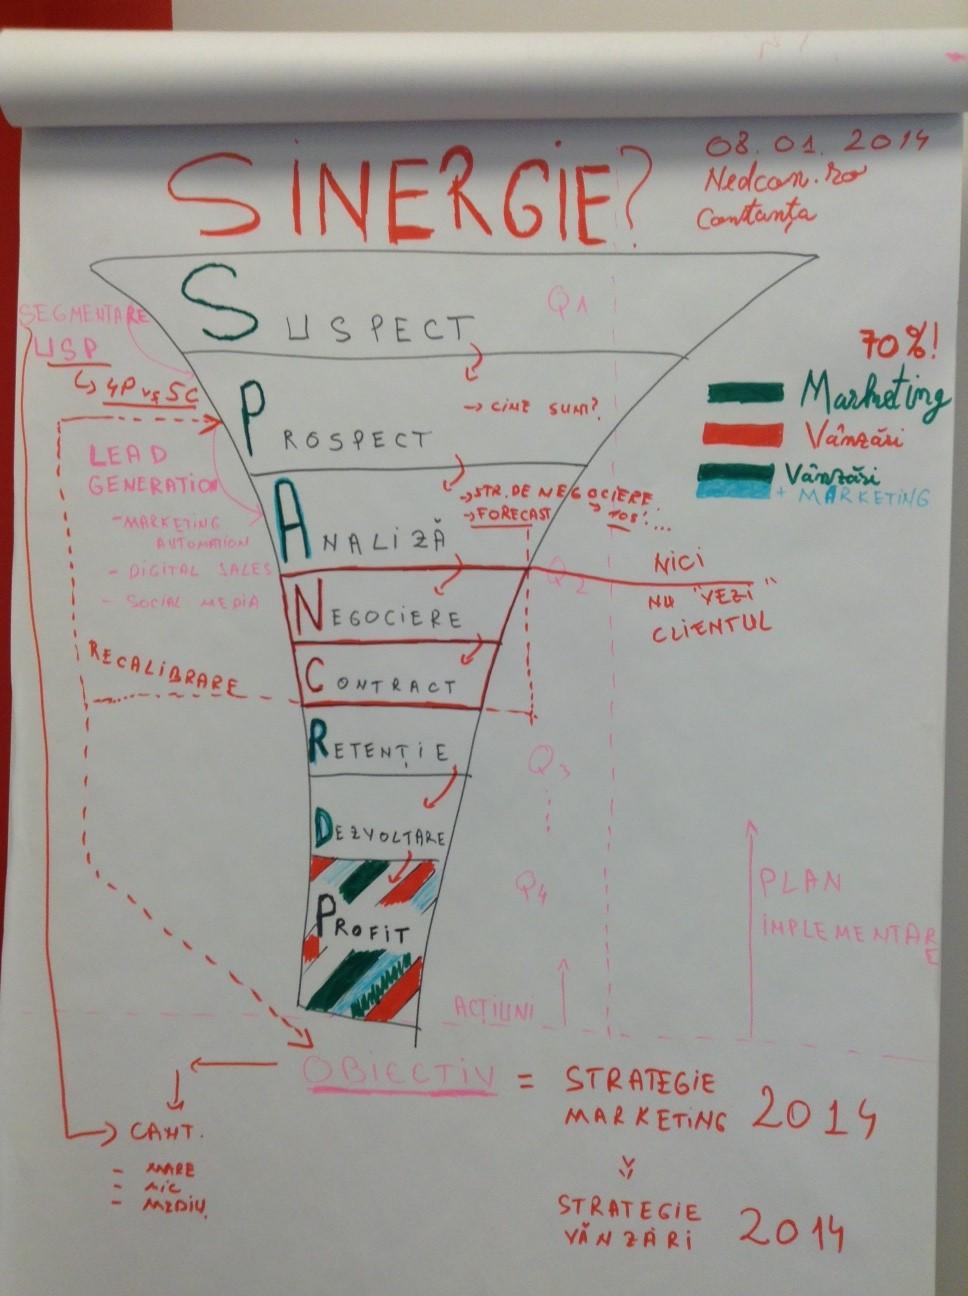 Procese de Management & Strategie in Vanzari B2B